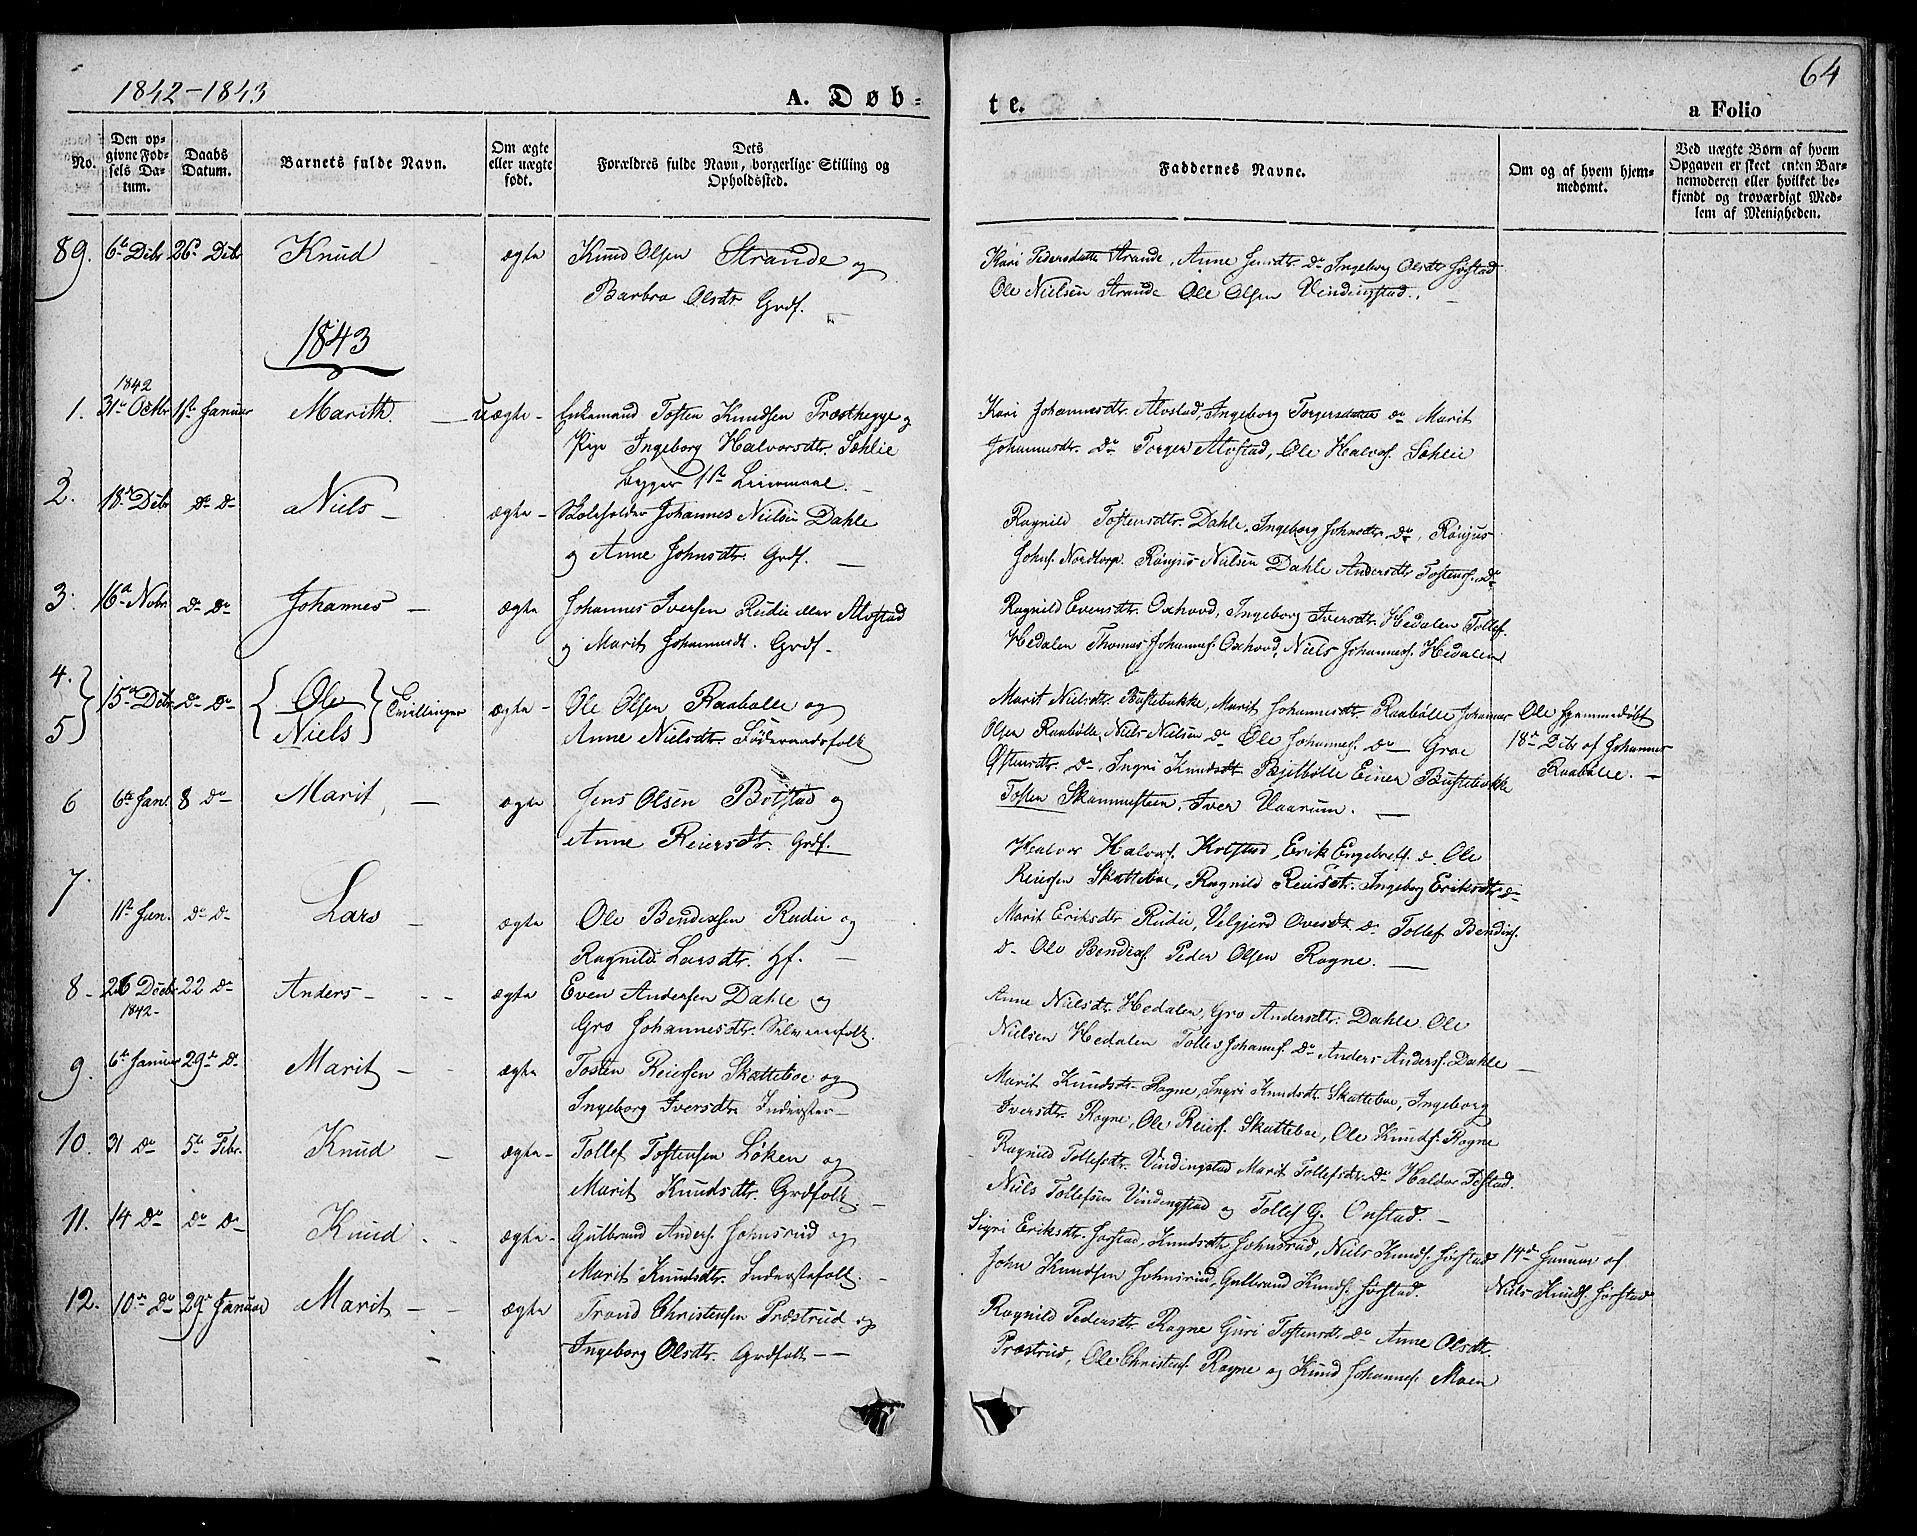 SAH, Slidre prestekontor, Ministerialbok nr. 4, 1831-1848, s. 64